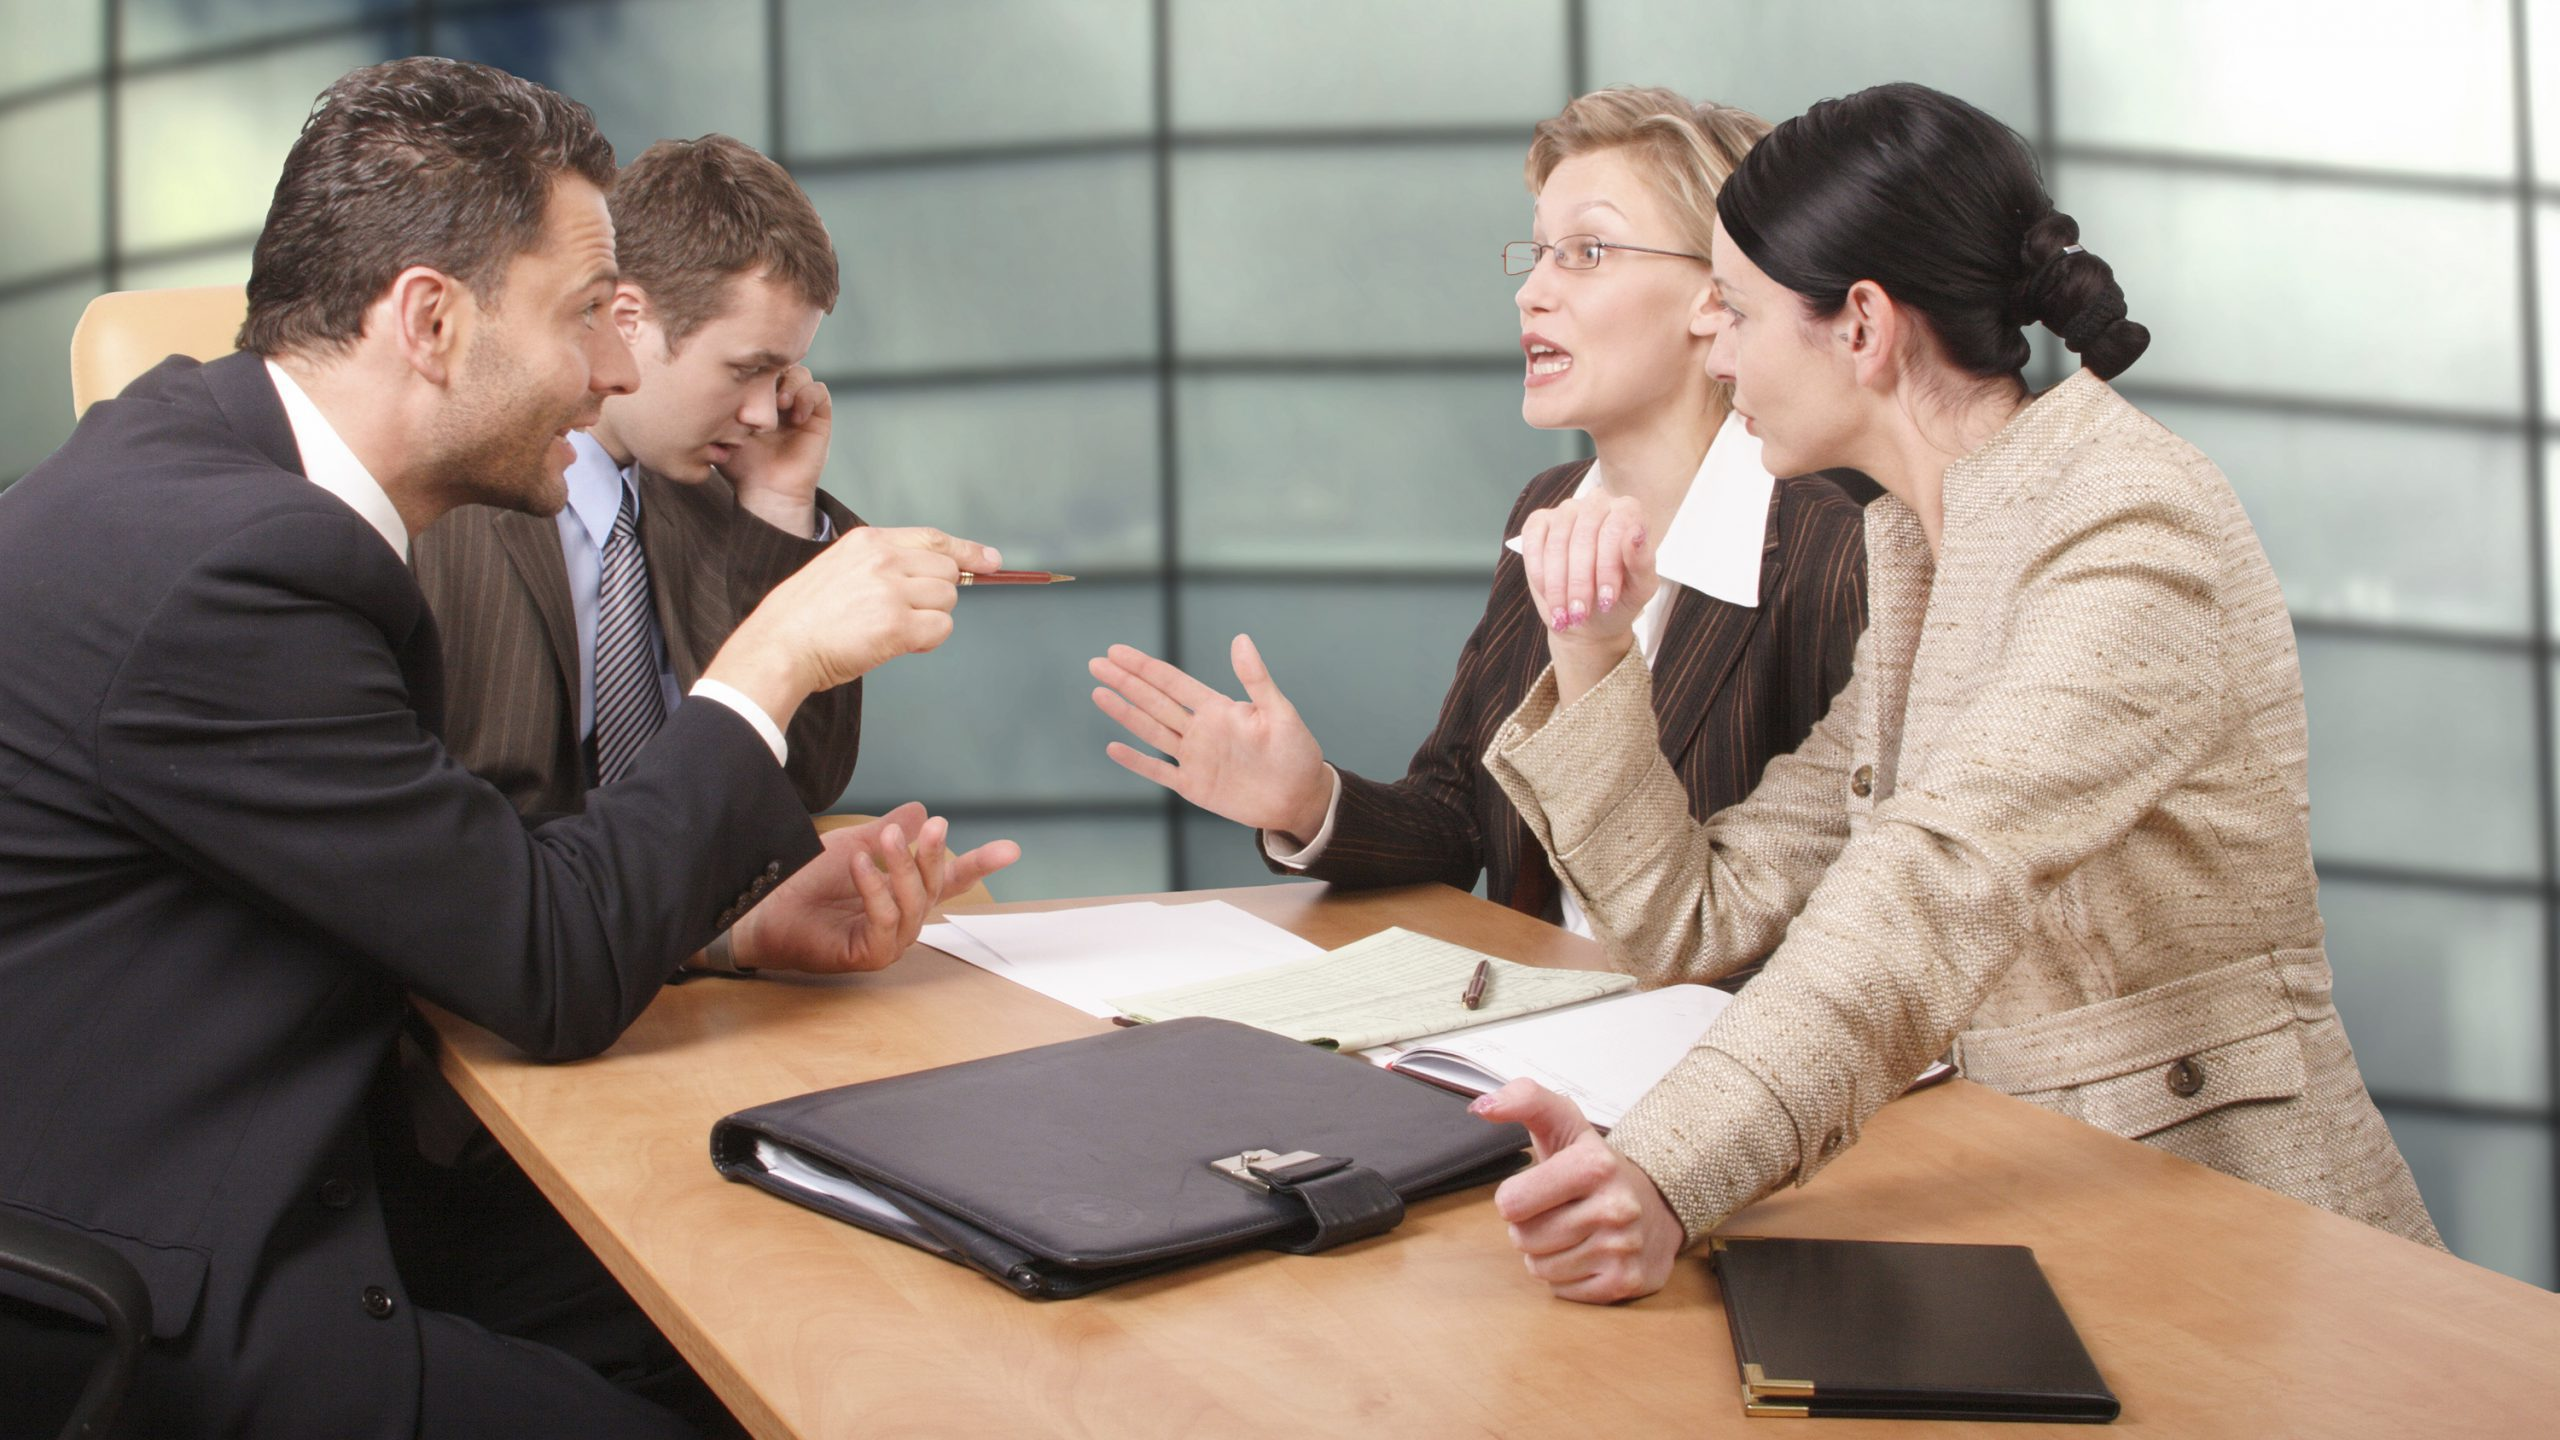 Коммуникация как искусство «Просвещение» выступает экспертом по деловому протоколу